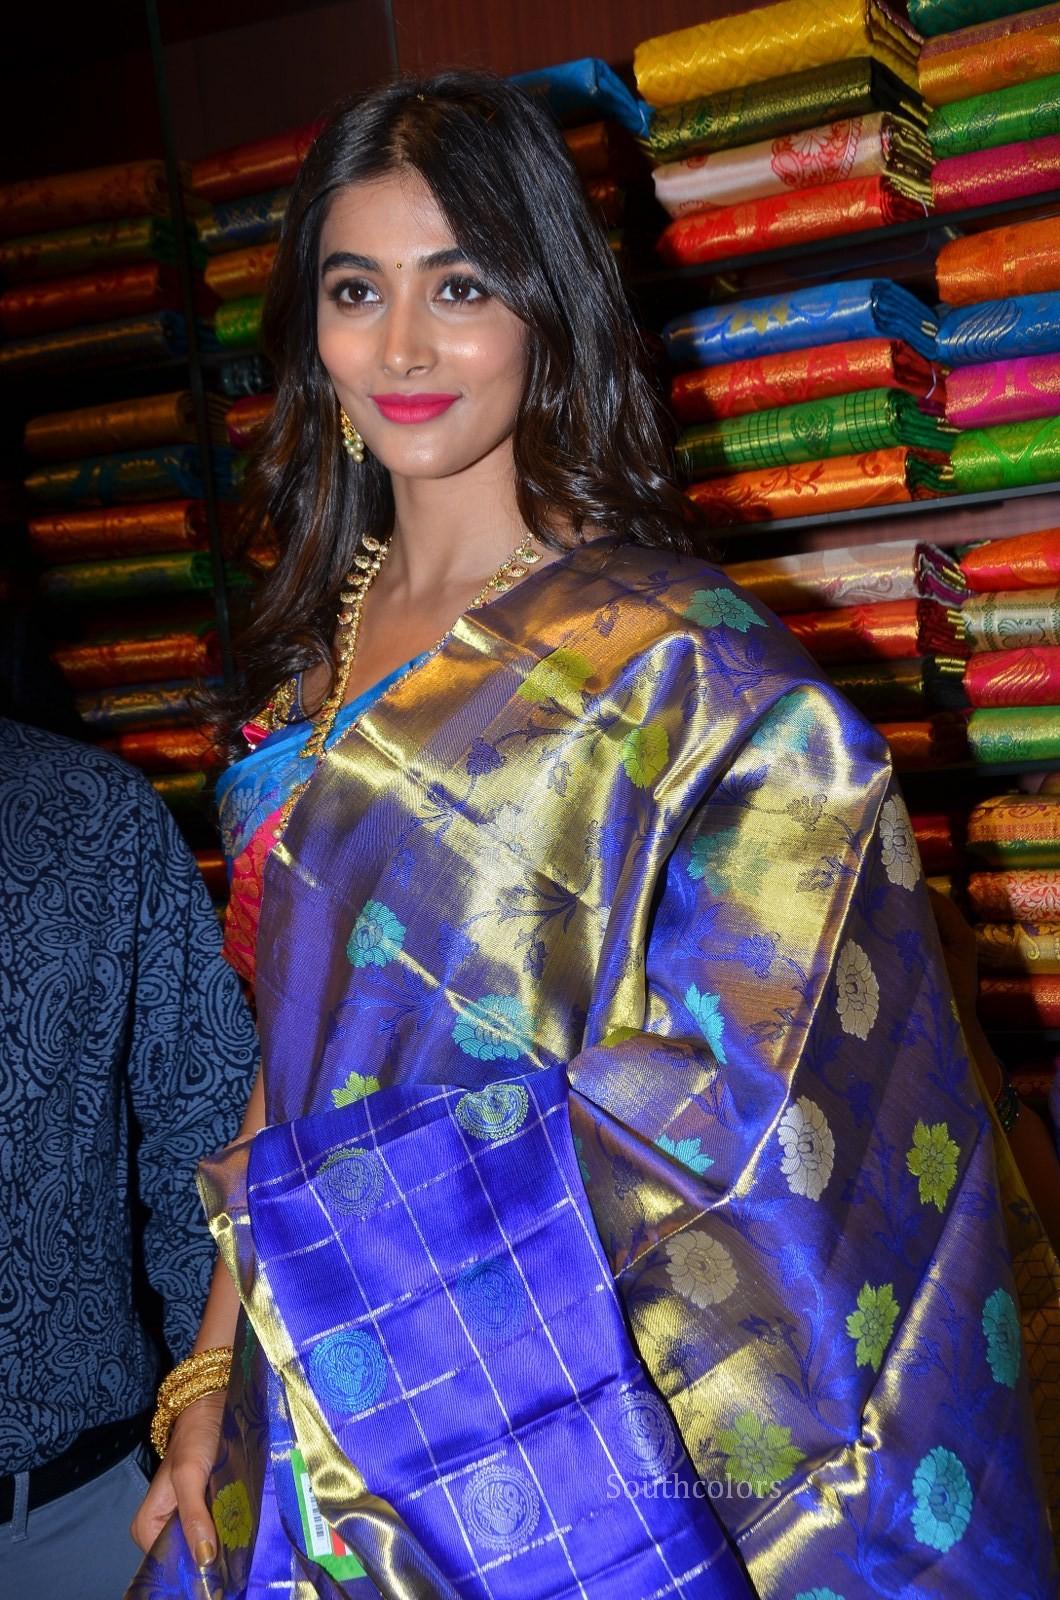 pooja hegde traditional saree photos southcolors 36